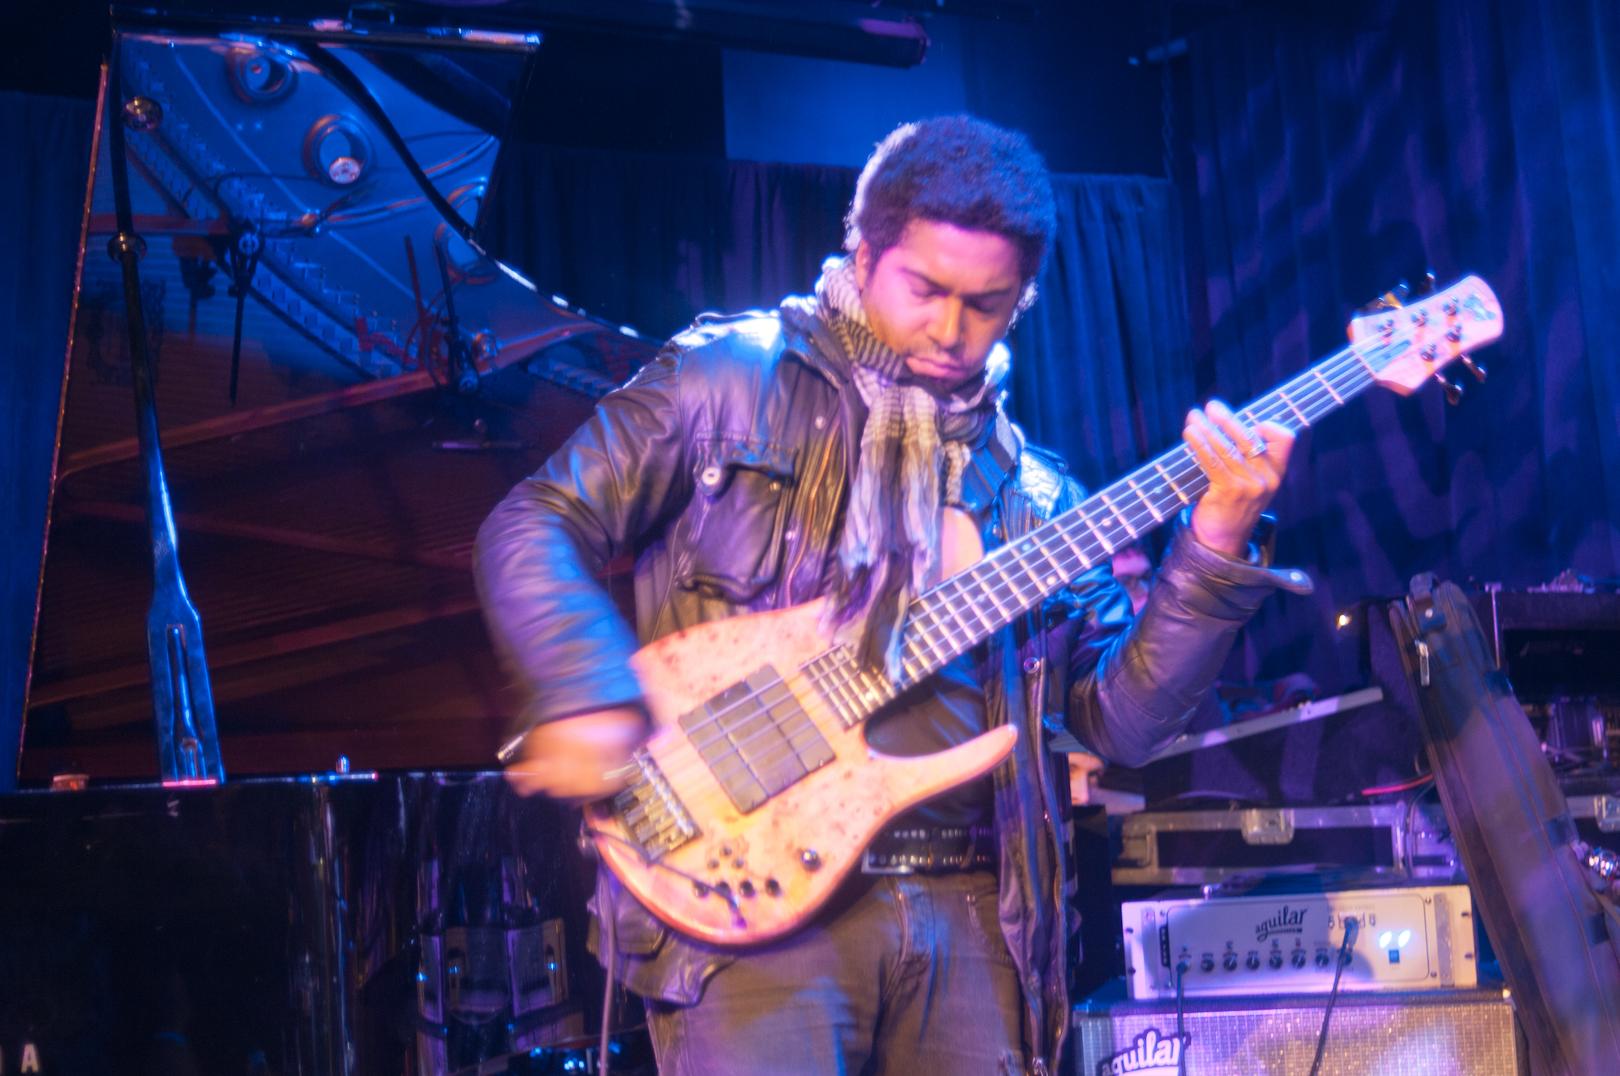 Matt Garrison with Ravi Coltrane at the Winter Jazzfest 2012